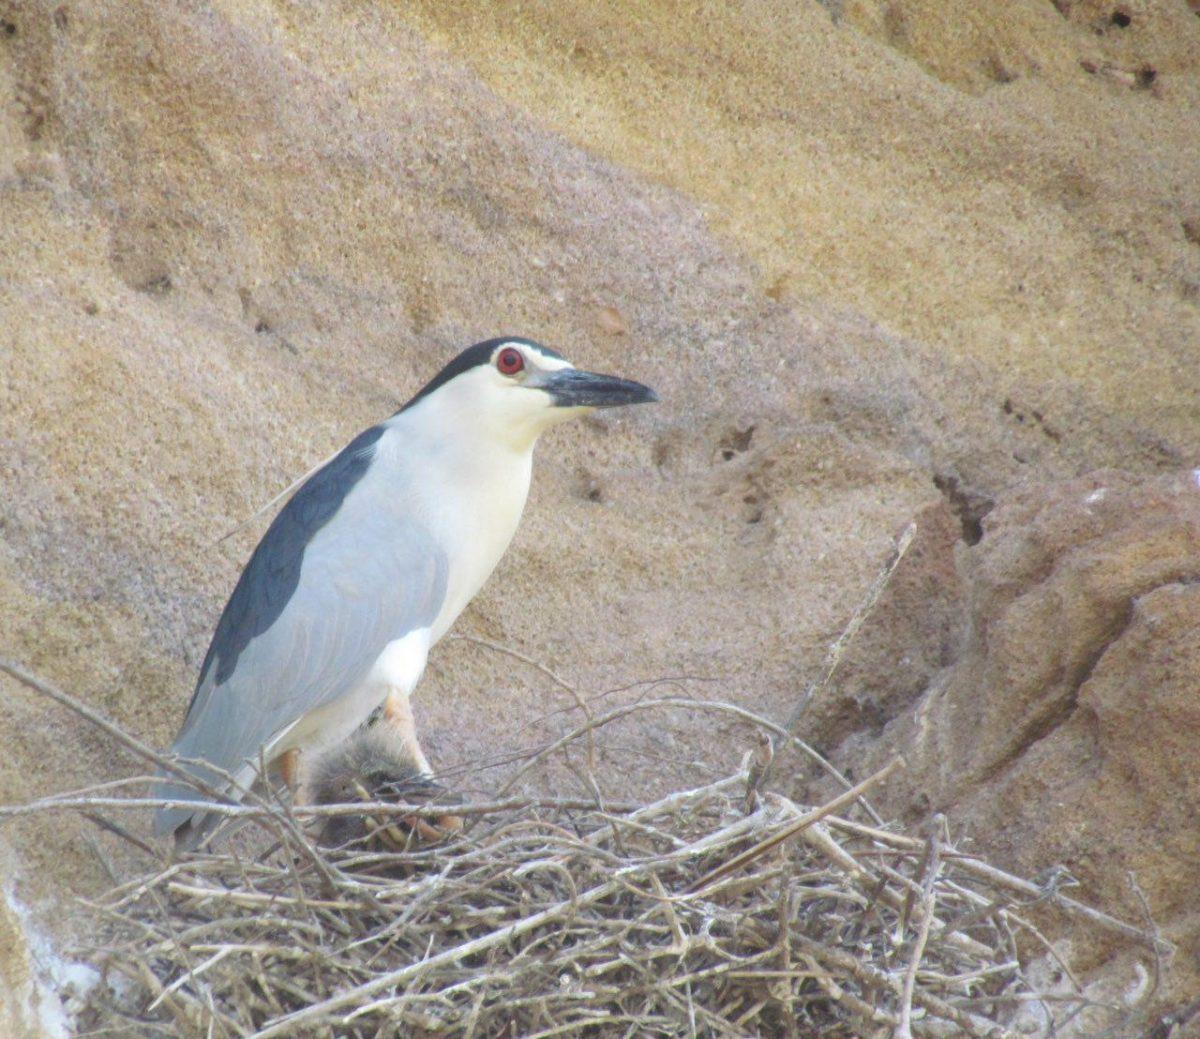 این یکی هم در گوشه ای دیگر از صخره ها بر روی شاخه ساری مشغول جوجه داری یست، او هم انگار خوشحال نیست از دیدار و عبورمان!